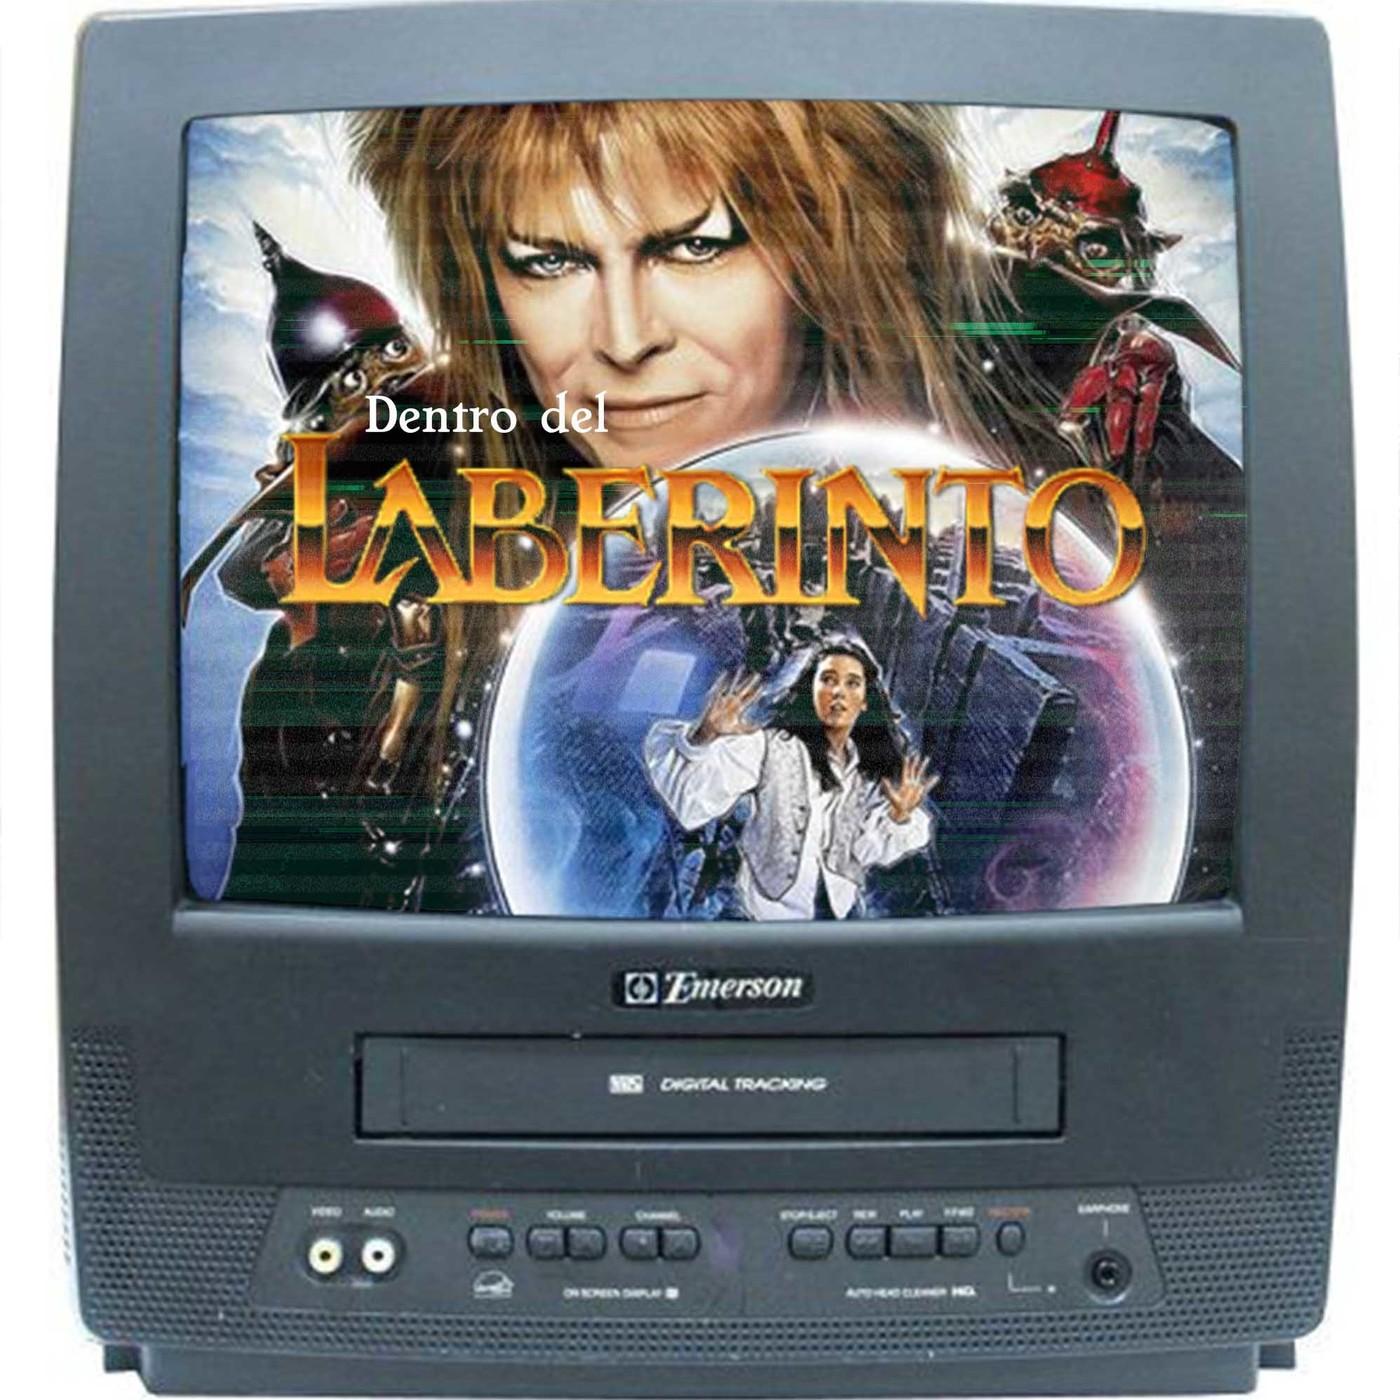 02x26 Remake a los 80 'DENTRO DEL LABERINTO' 1986 Jim Henson, con Jordi Romero